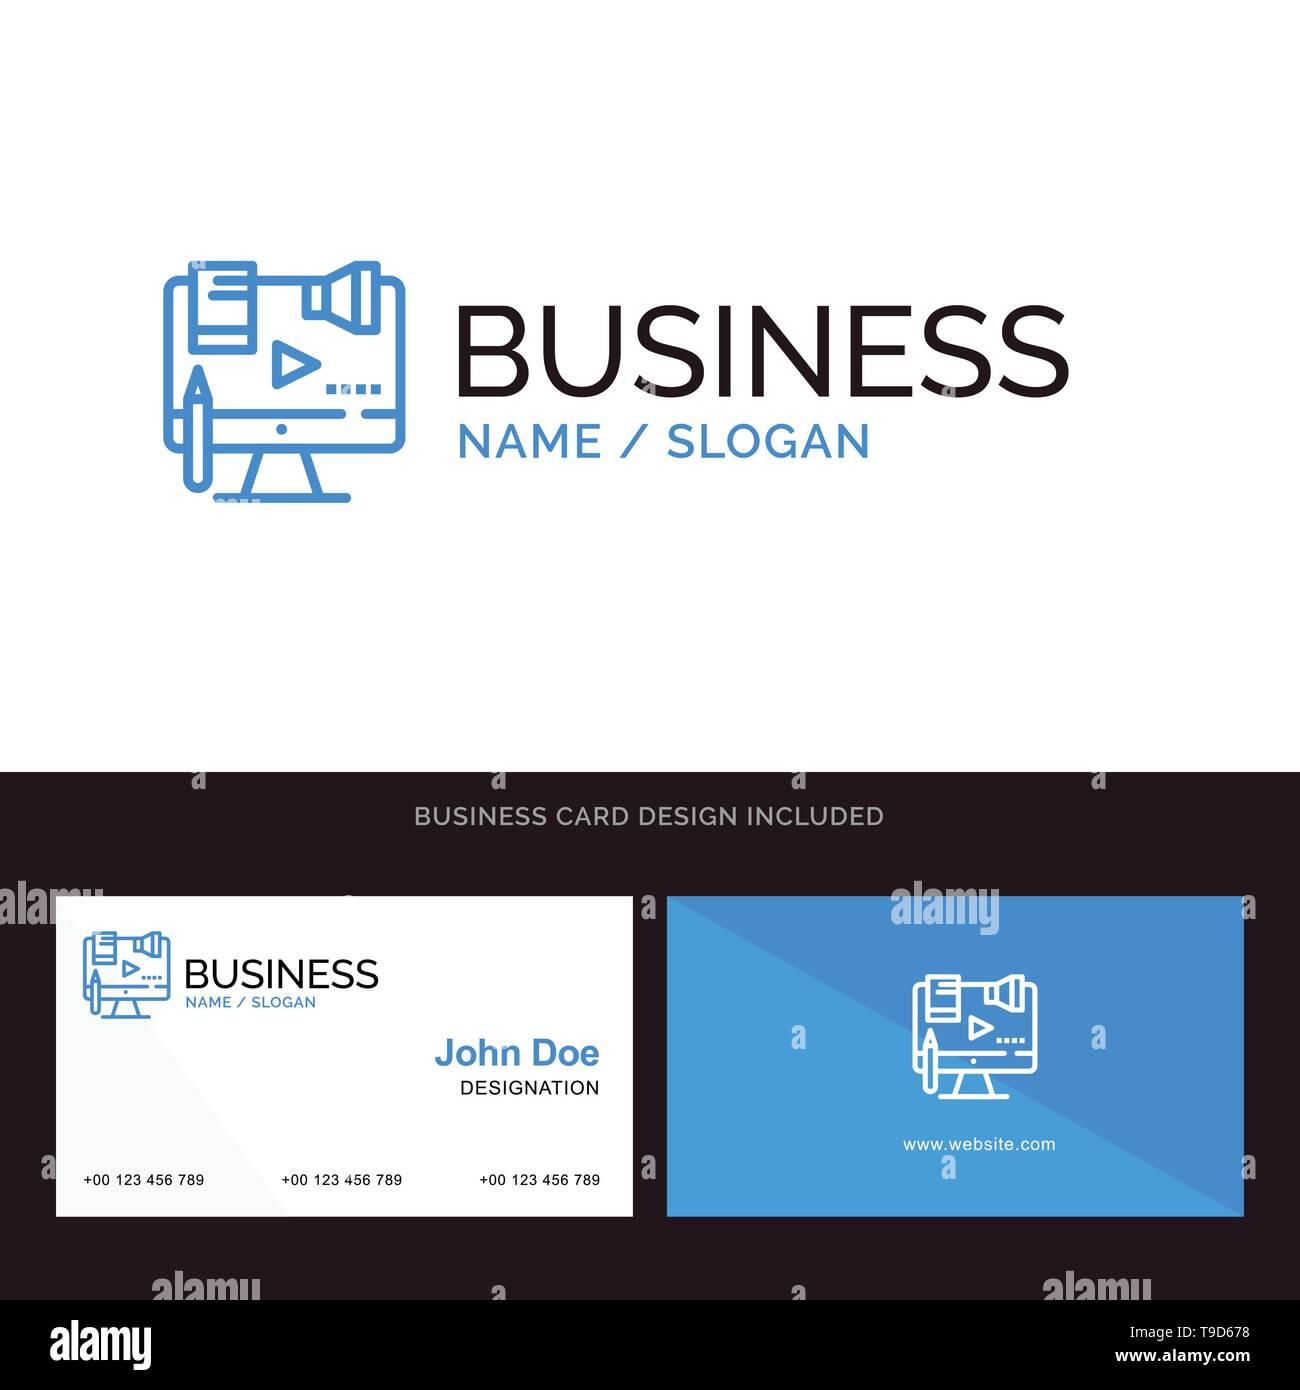 Business Inhalt Copyright Digital Recht Blau Business